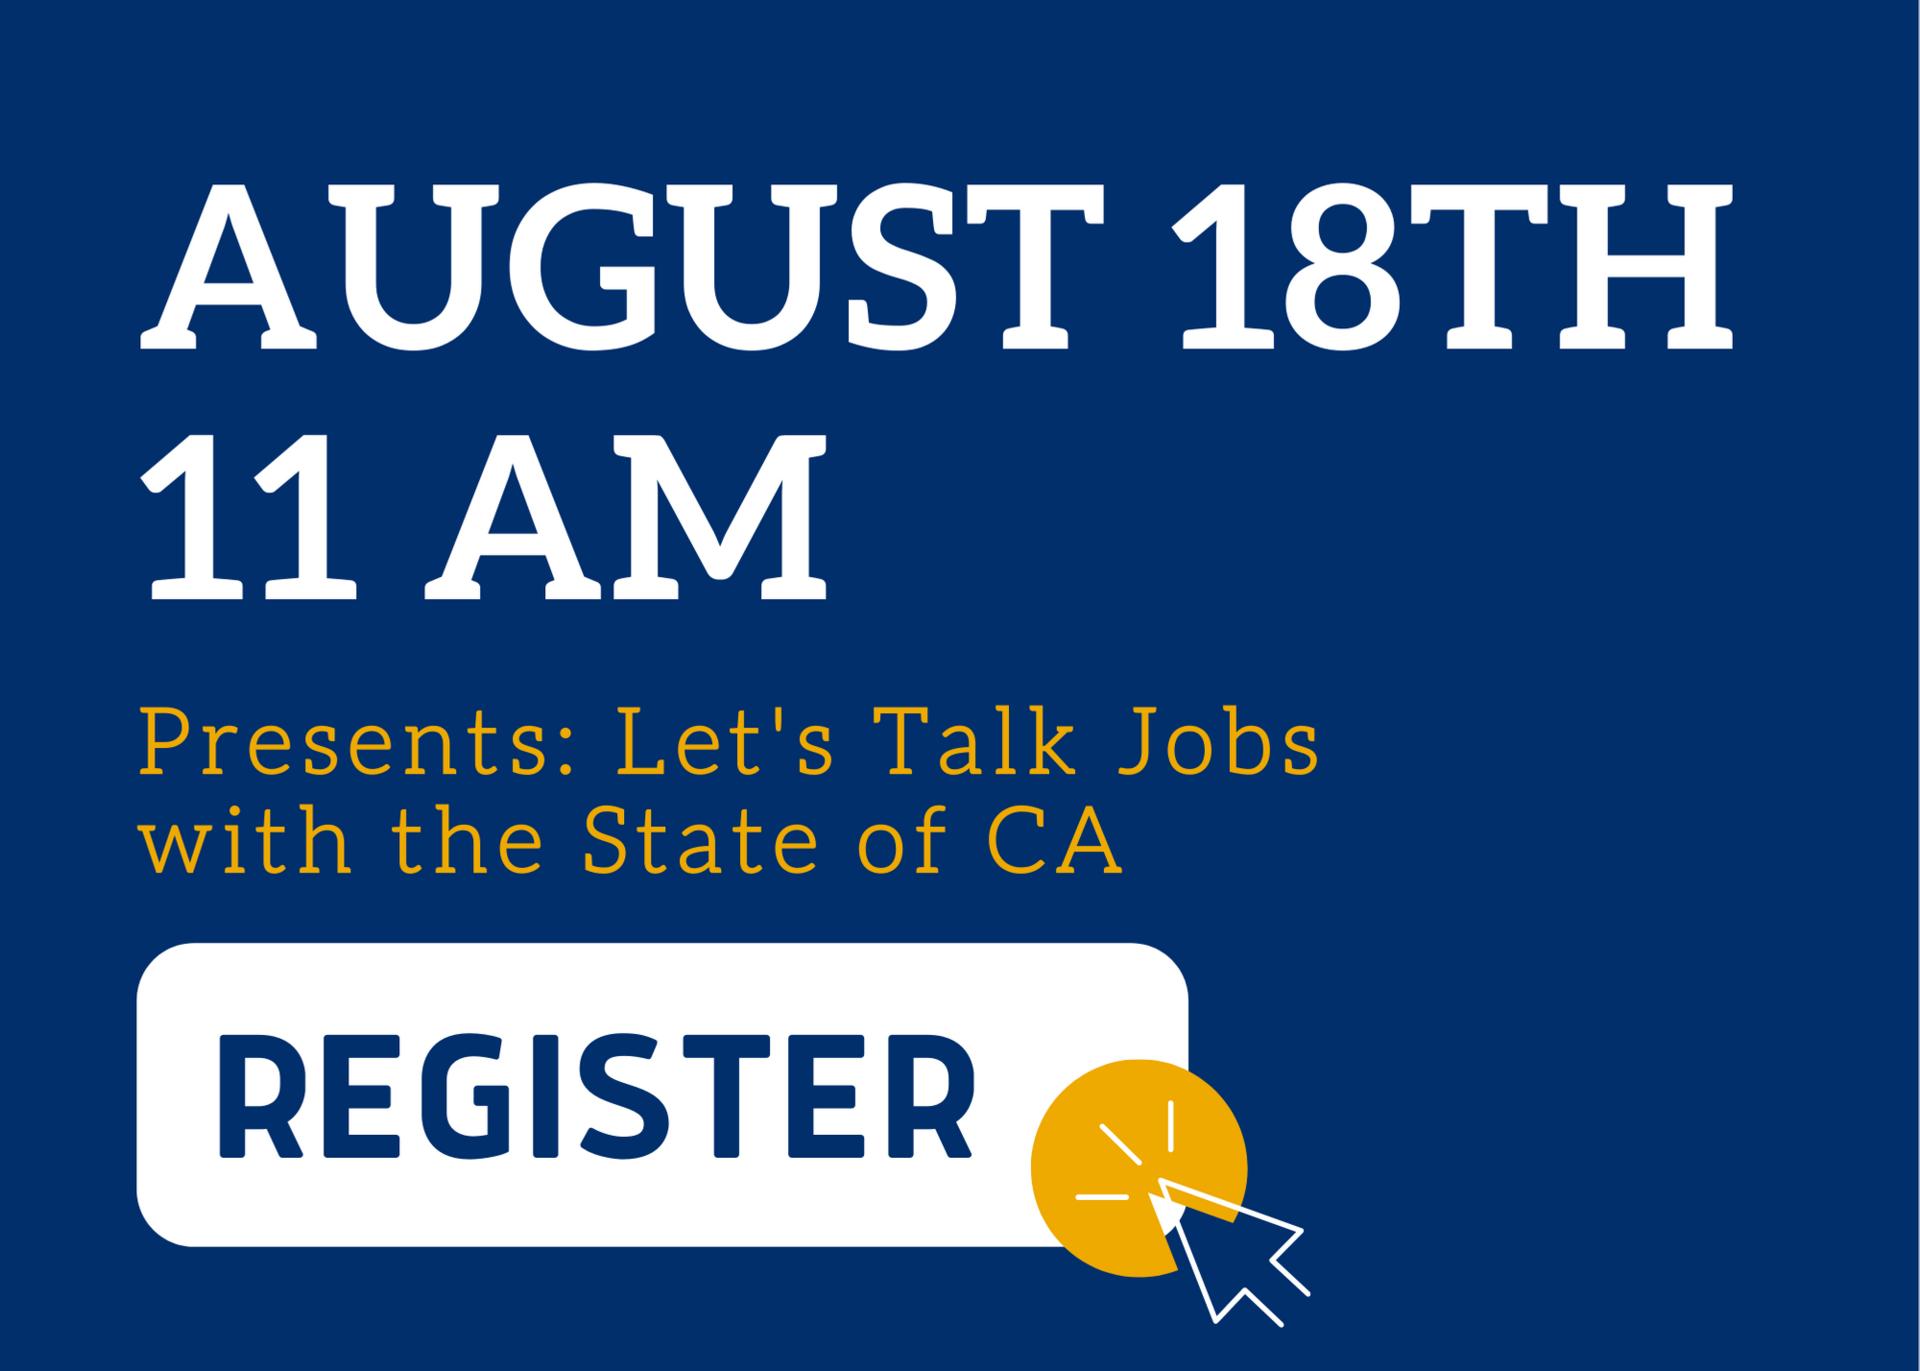 Let's Talk Jobs